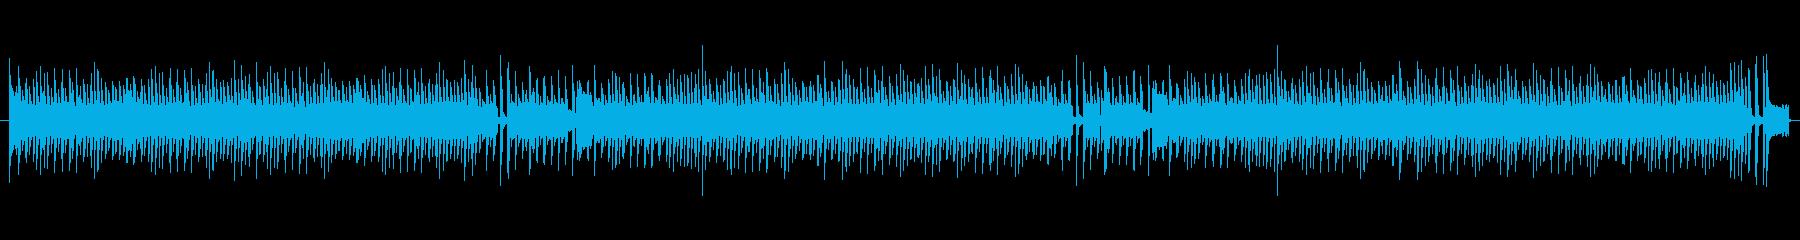 【せひうす21】シューティング系の再生済みの波形